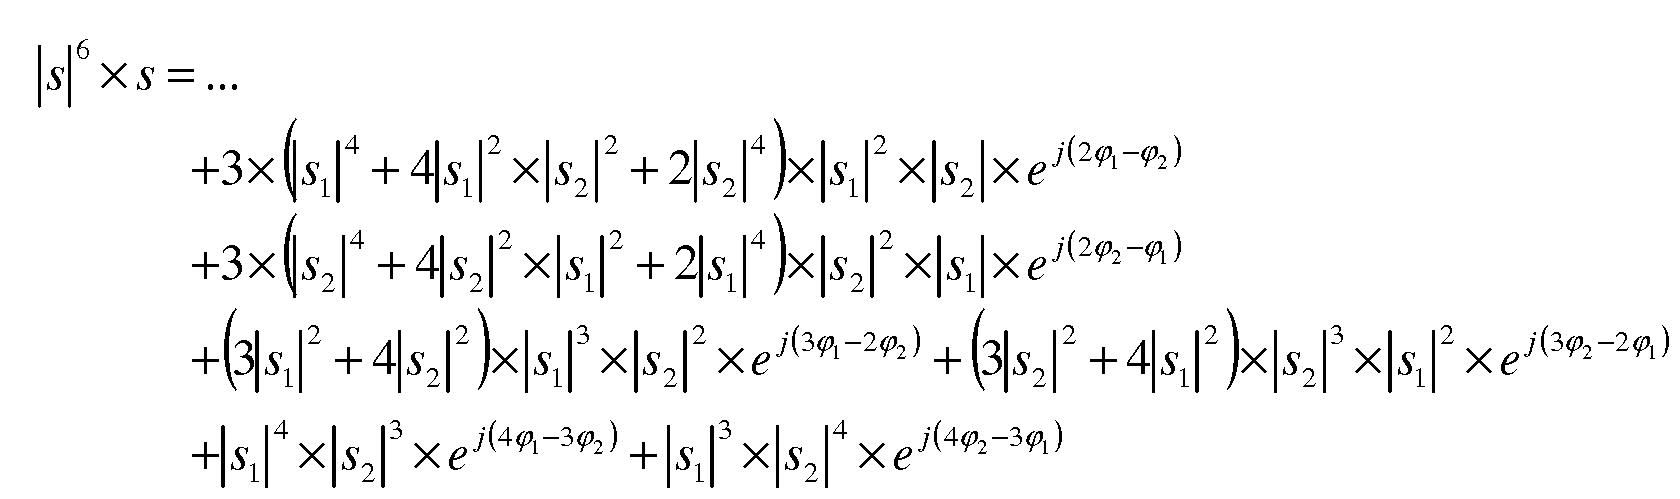 Figure imgf000024_0006